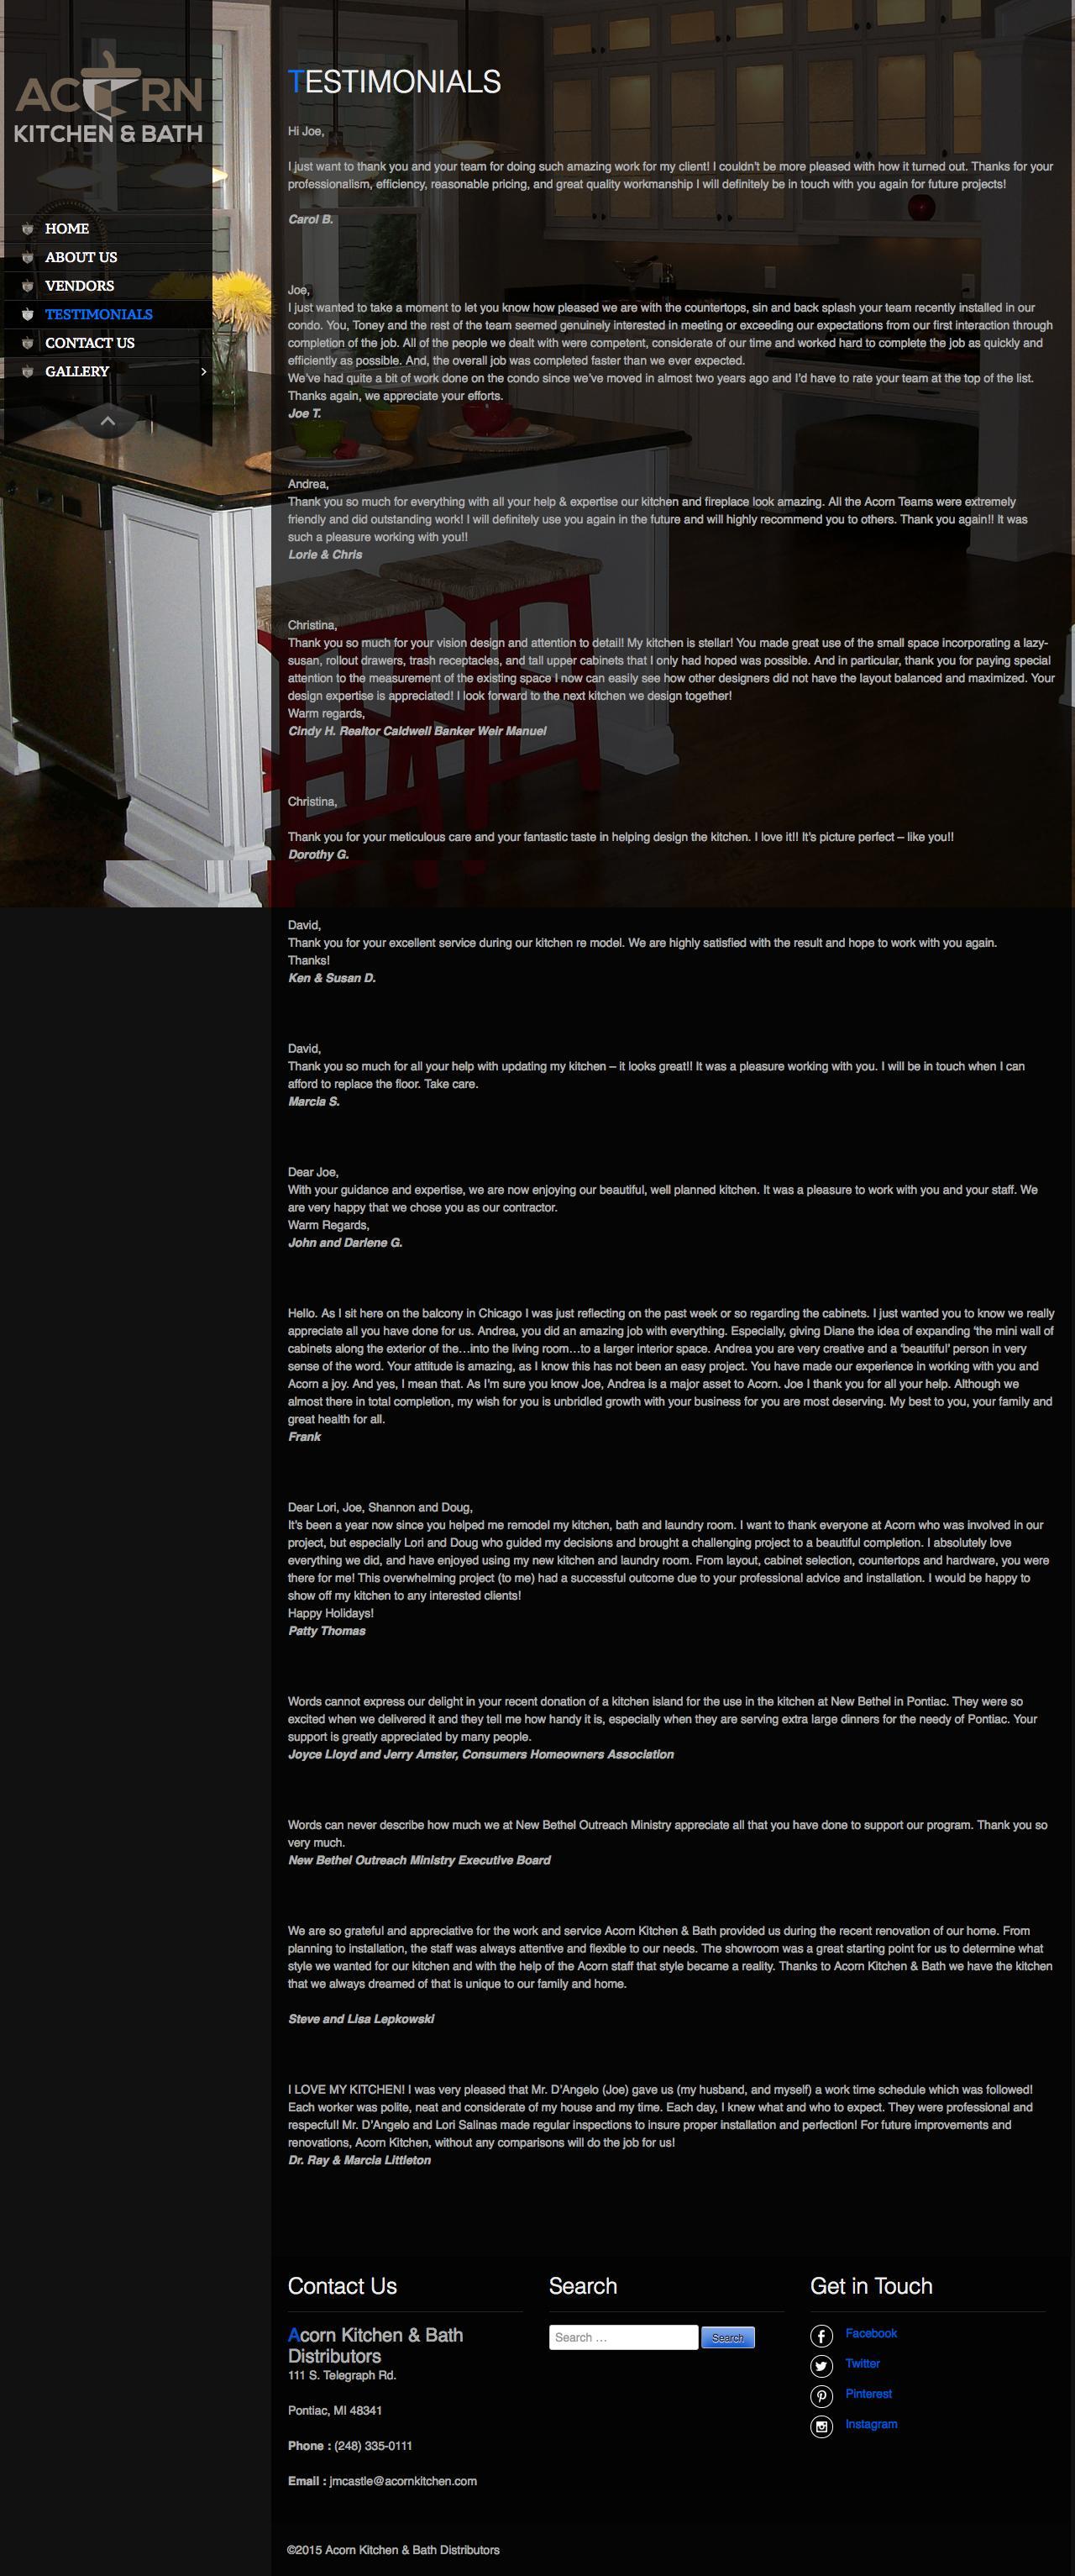 Screenshot of acornkitchen.com - Testimonials - Acorn Kitchen & Bath Distributors - captured Sept. 25, 2015